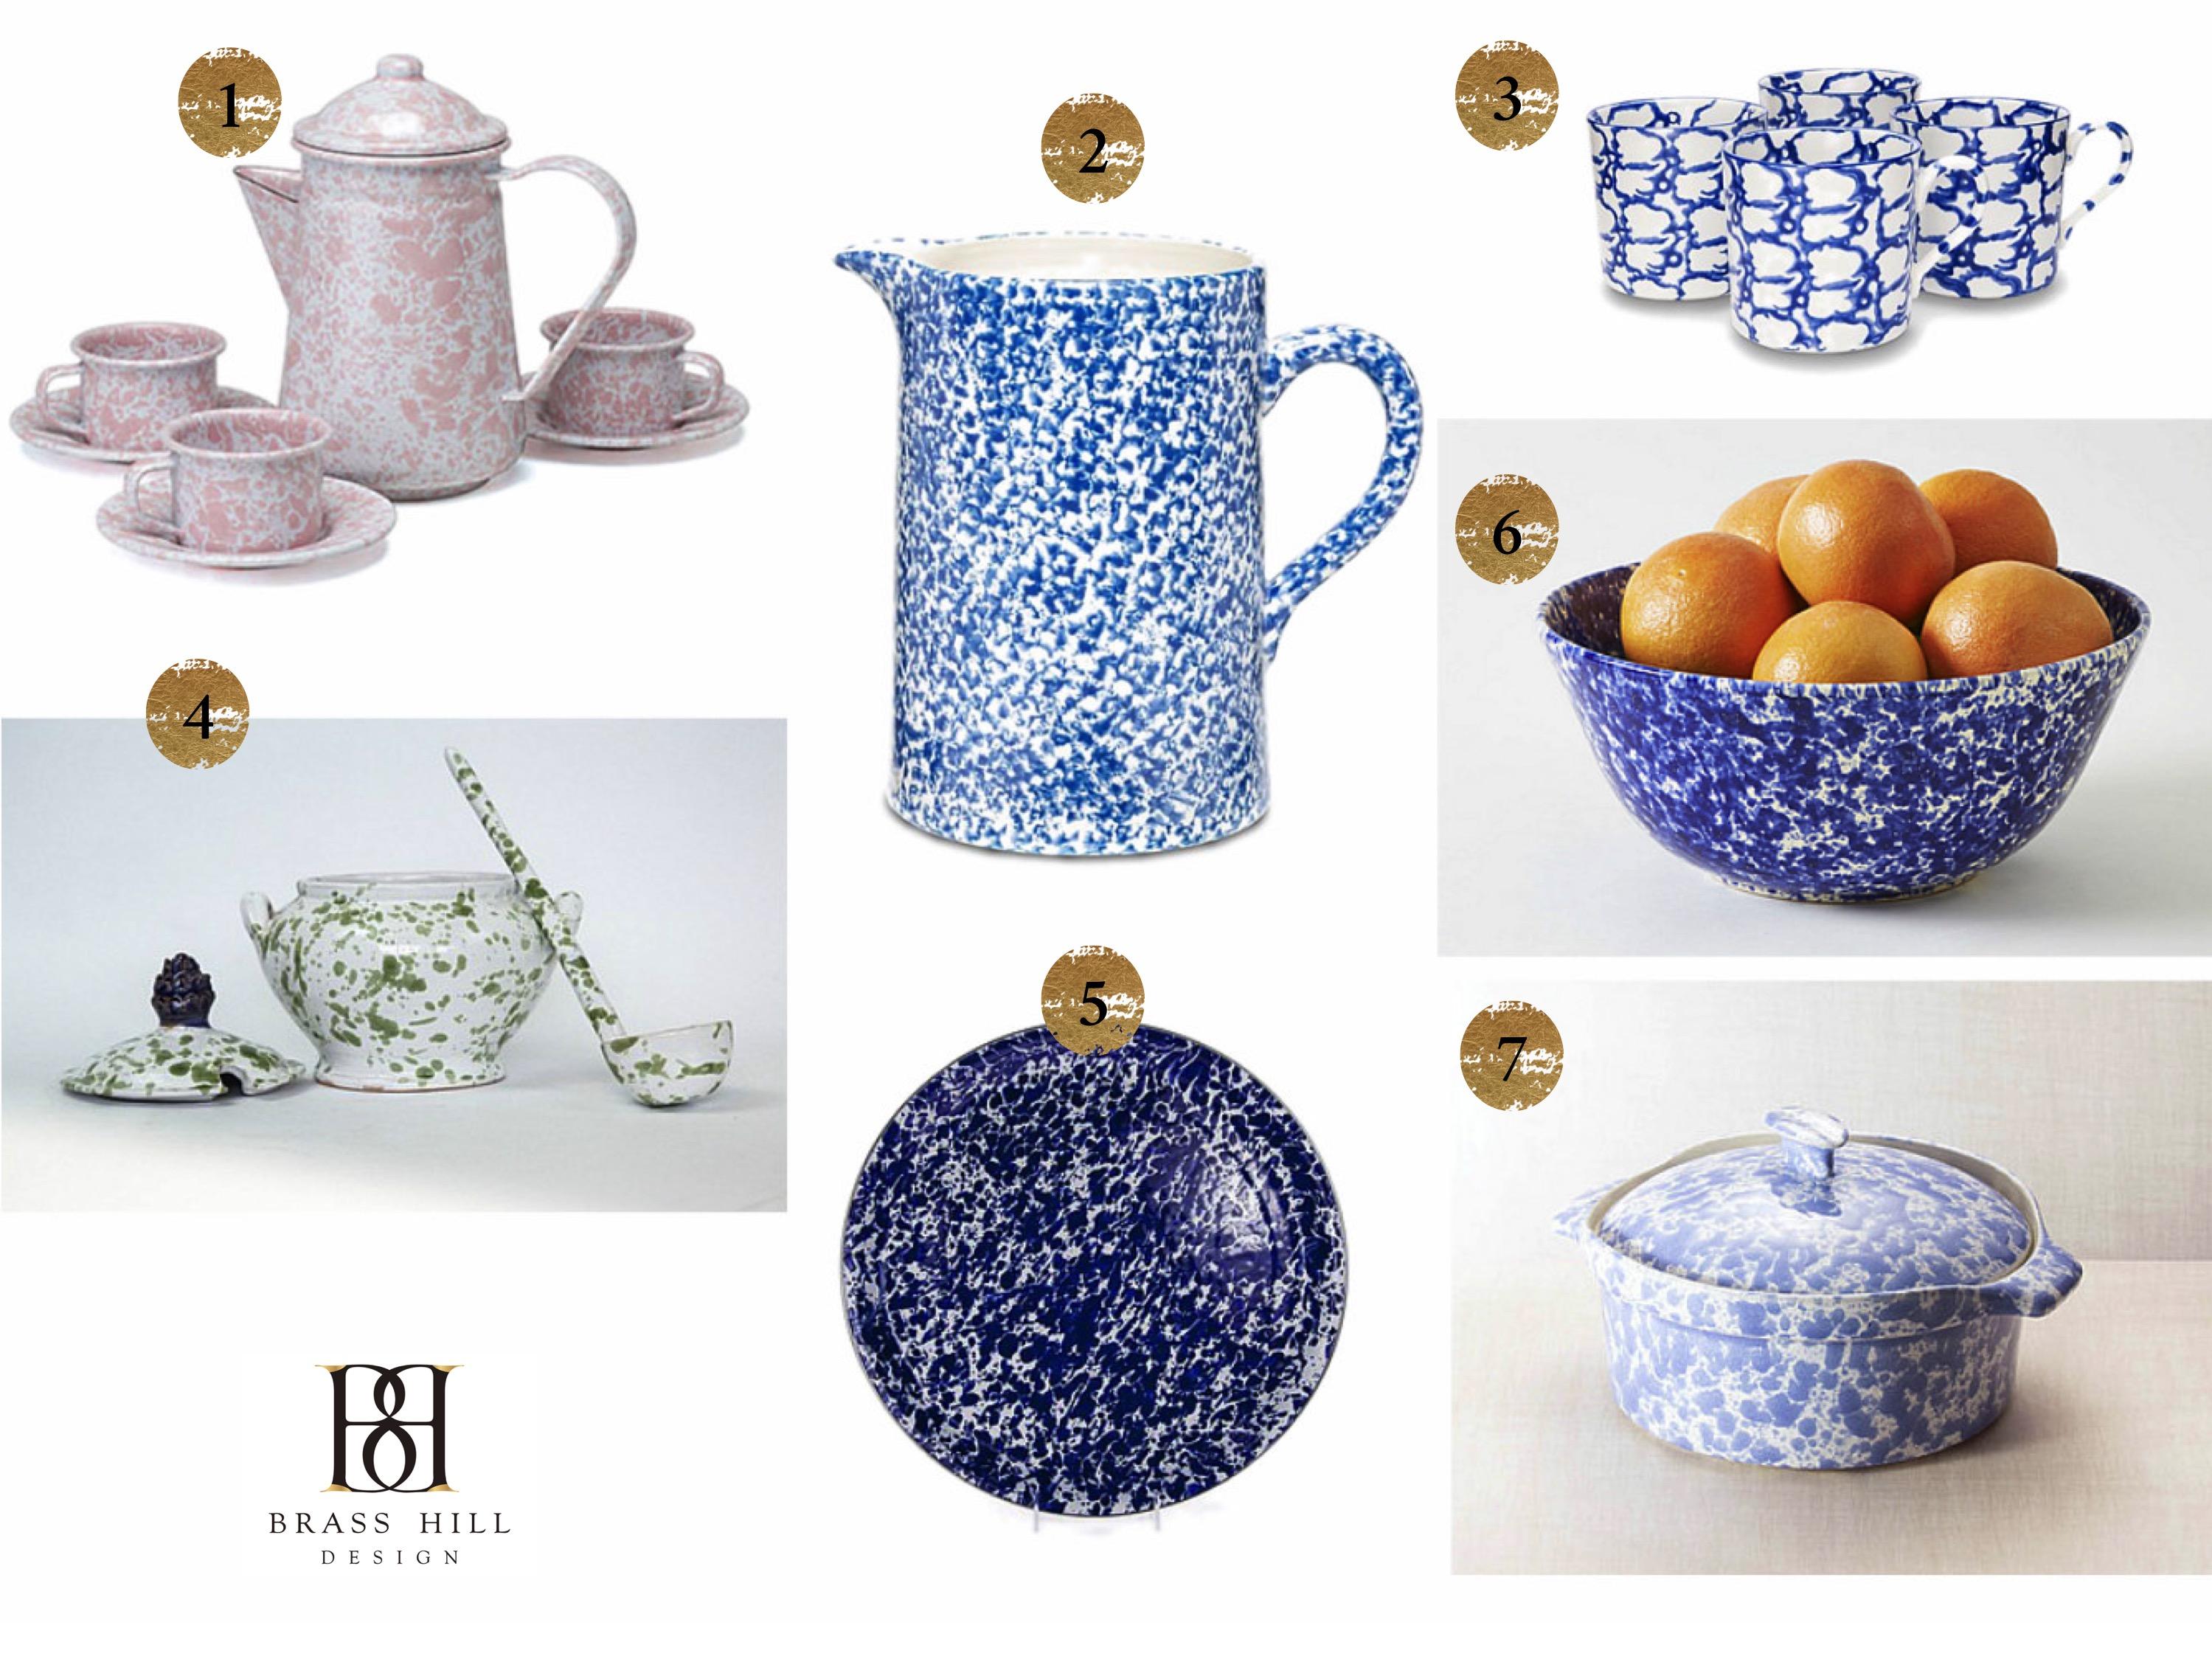 Spatterware Shopping Picks Brass Hill Design